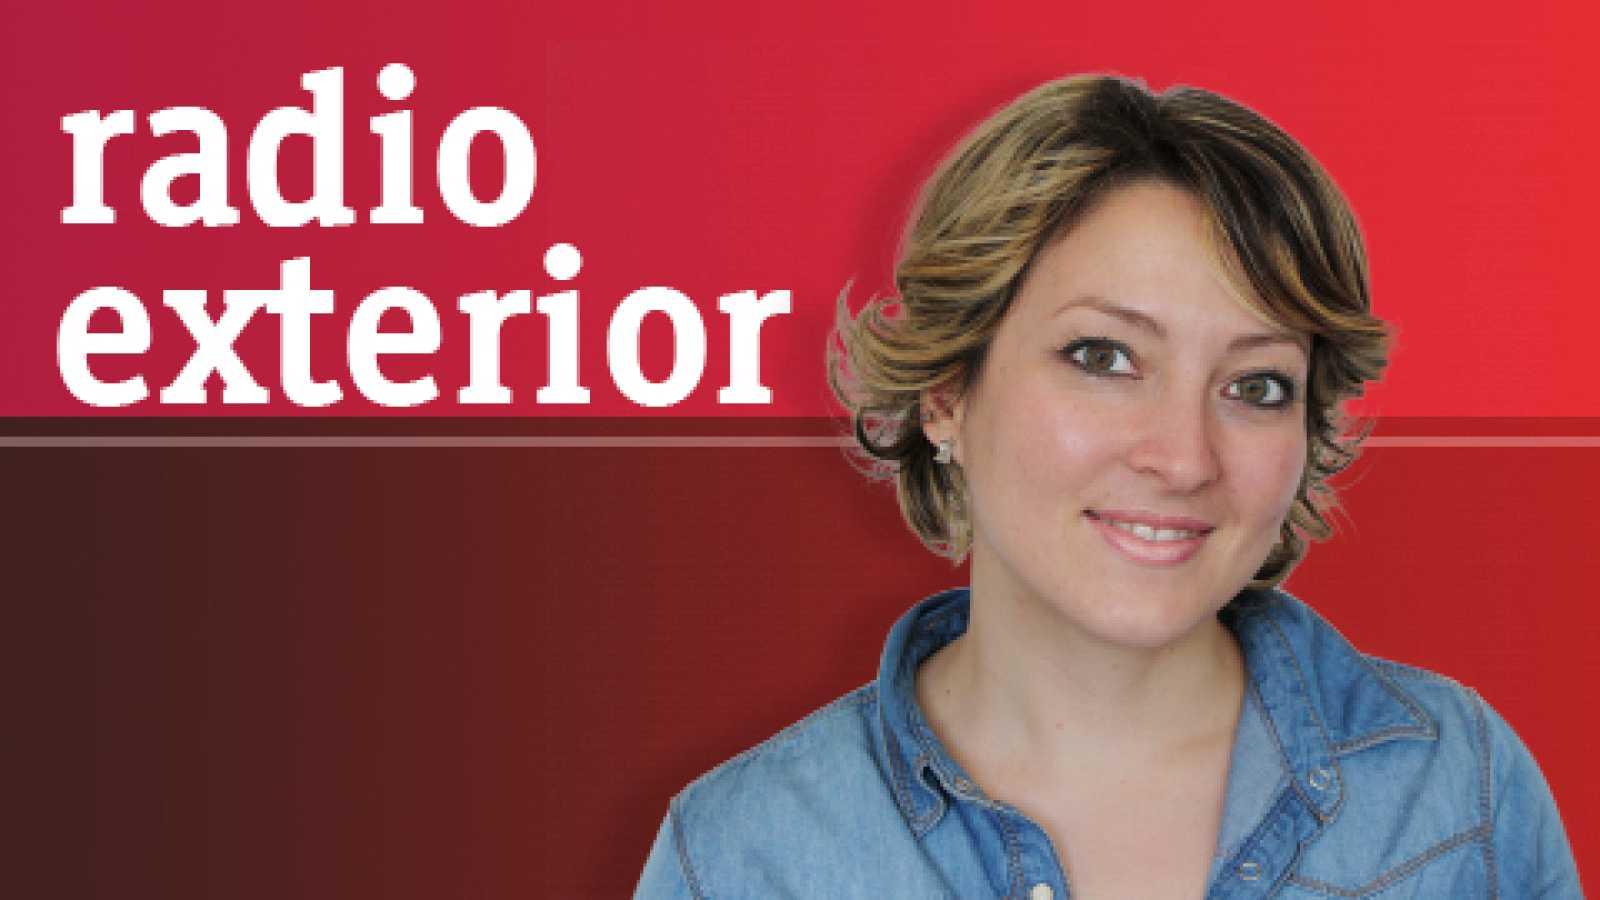 Cultura con Ñ - Anna Caballé - 09/11/19 - escuchar ahora